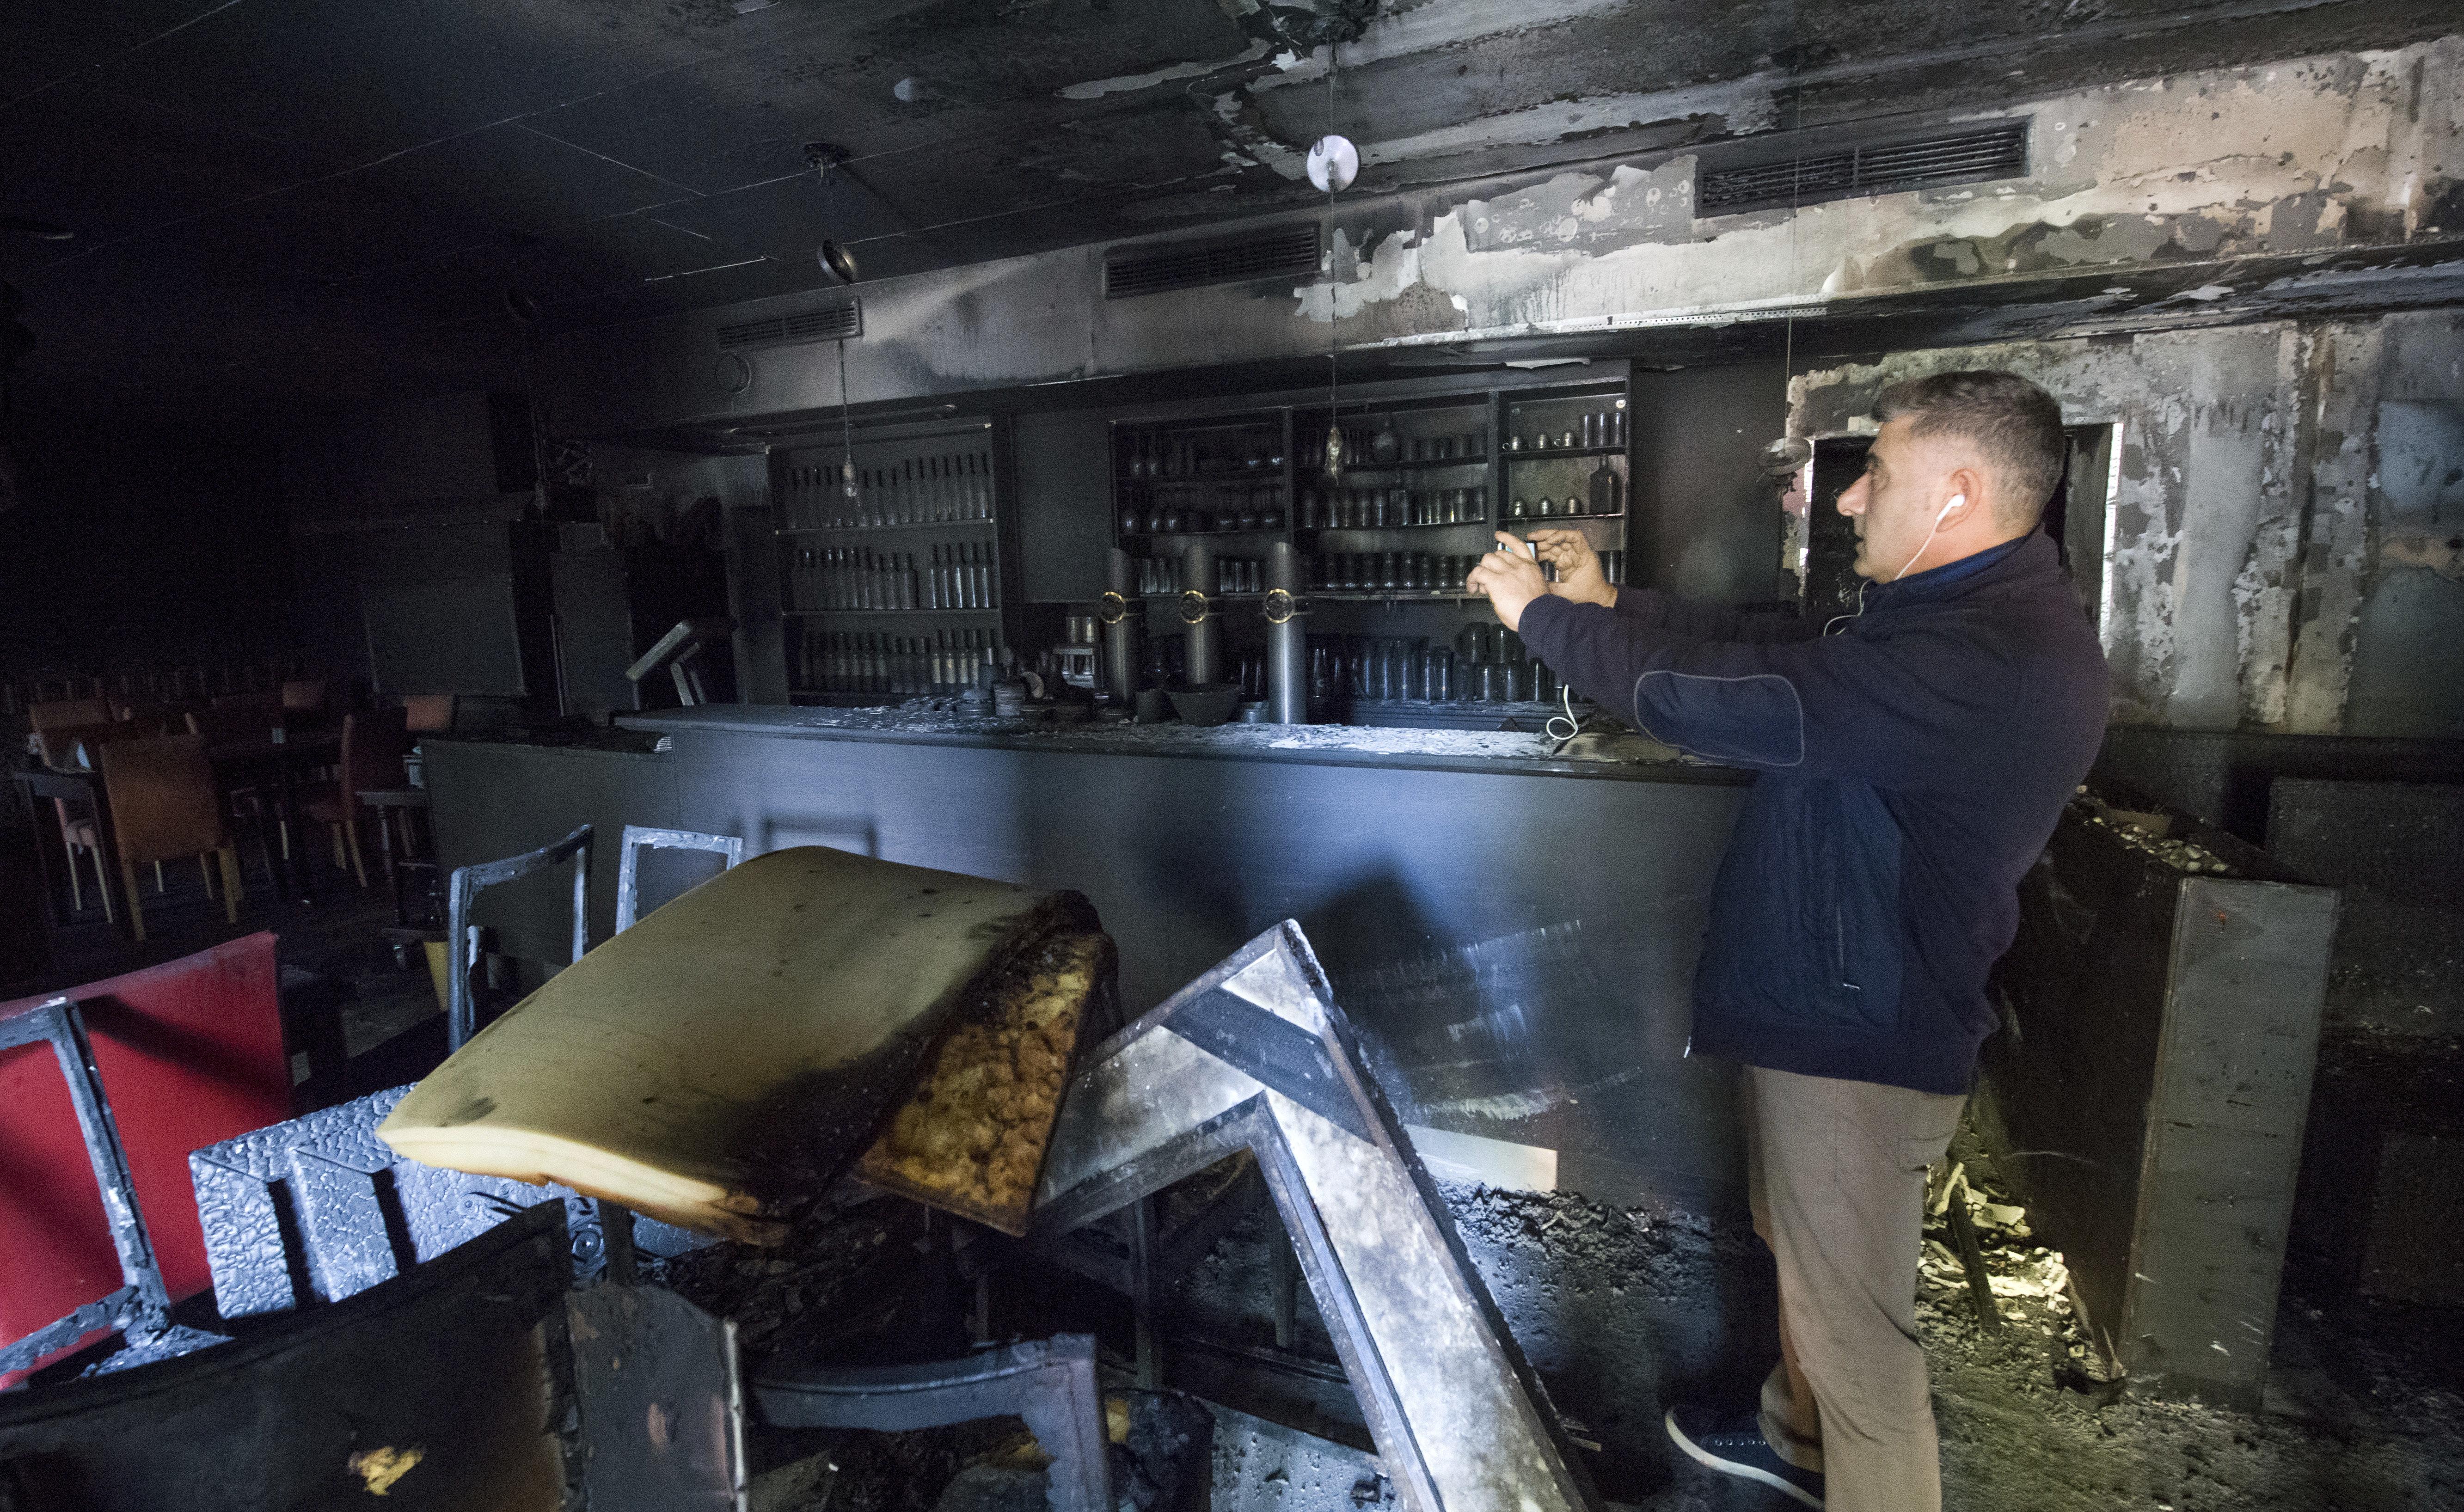 Chemnitz kommt nicht zur Ruhe: Unbekannte zünden türkisches Restaurant